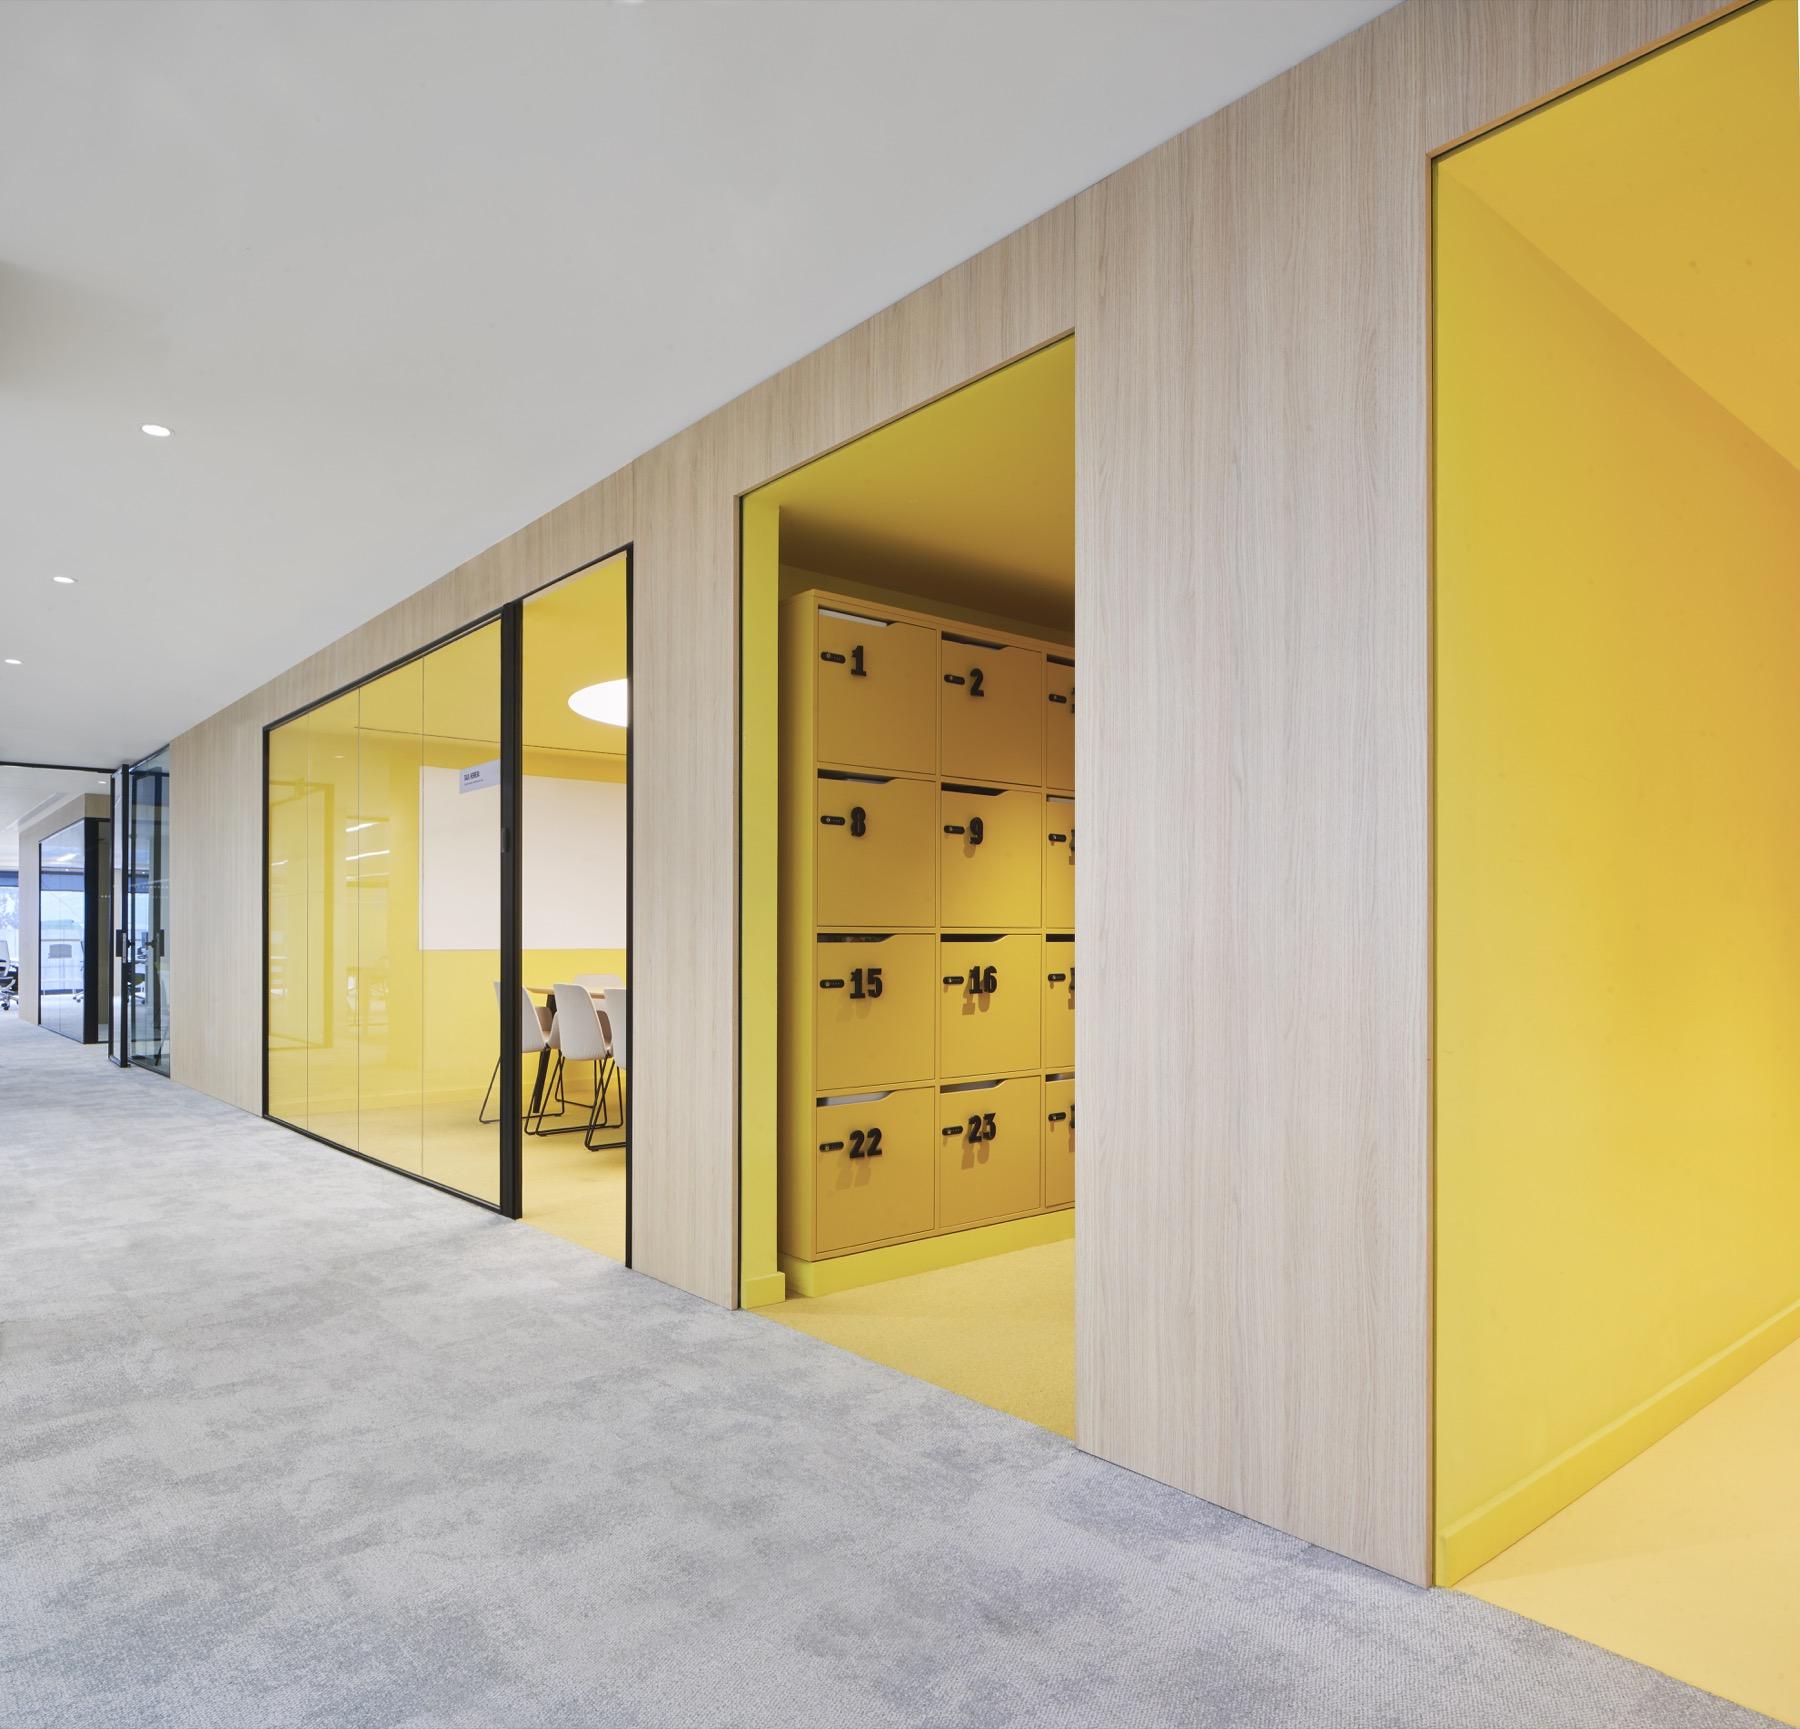 Caixabank oficinas dau - La caixa oficines ...